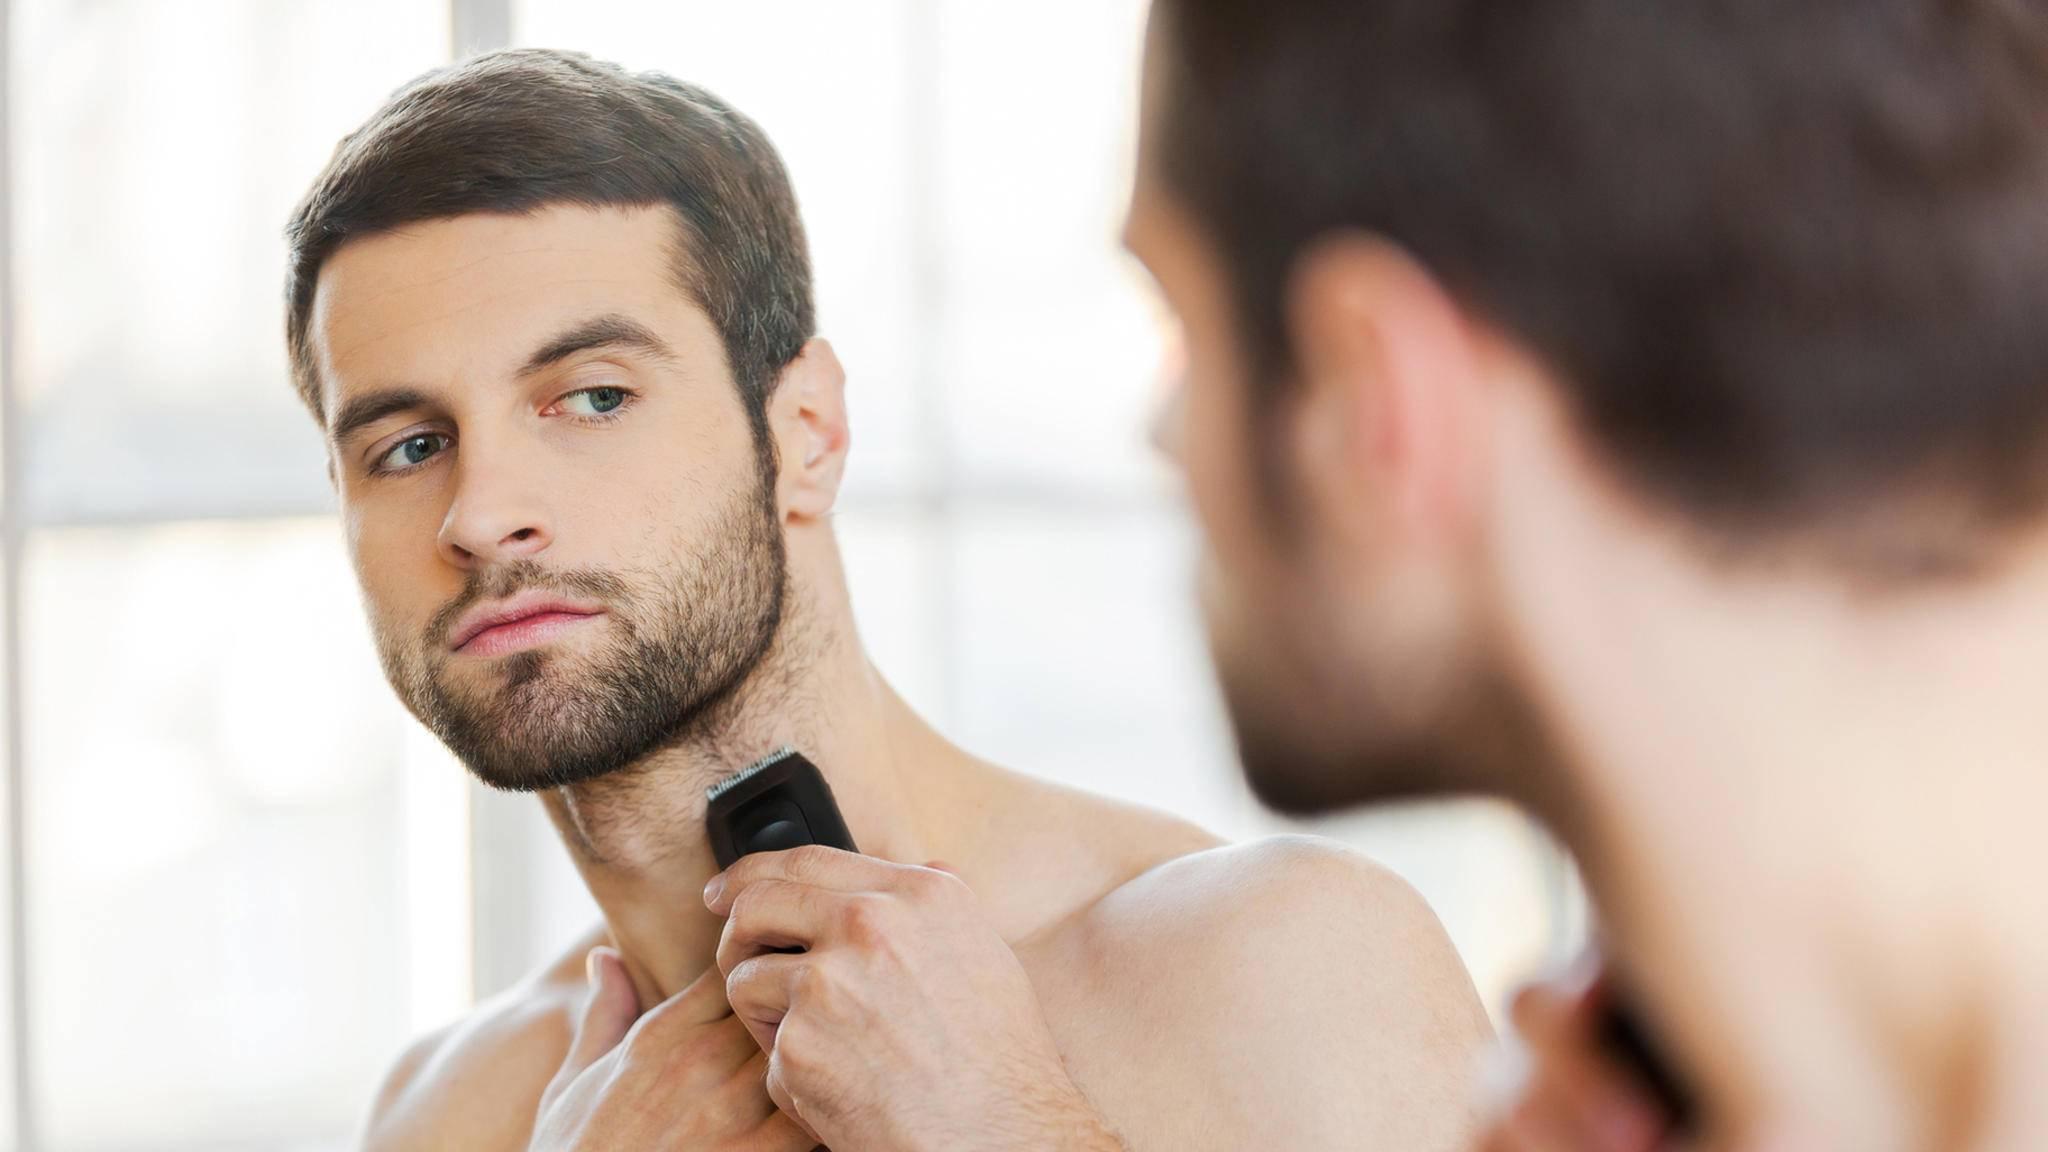 Für eine gepflegte Erscheinung sollten Bartträger ihren Bart regelmäßig trimmen.